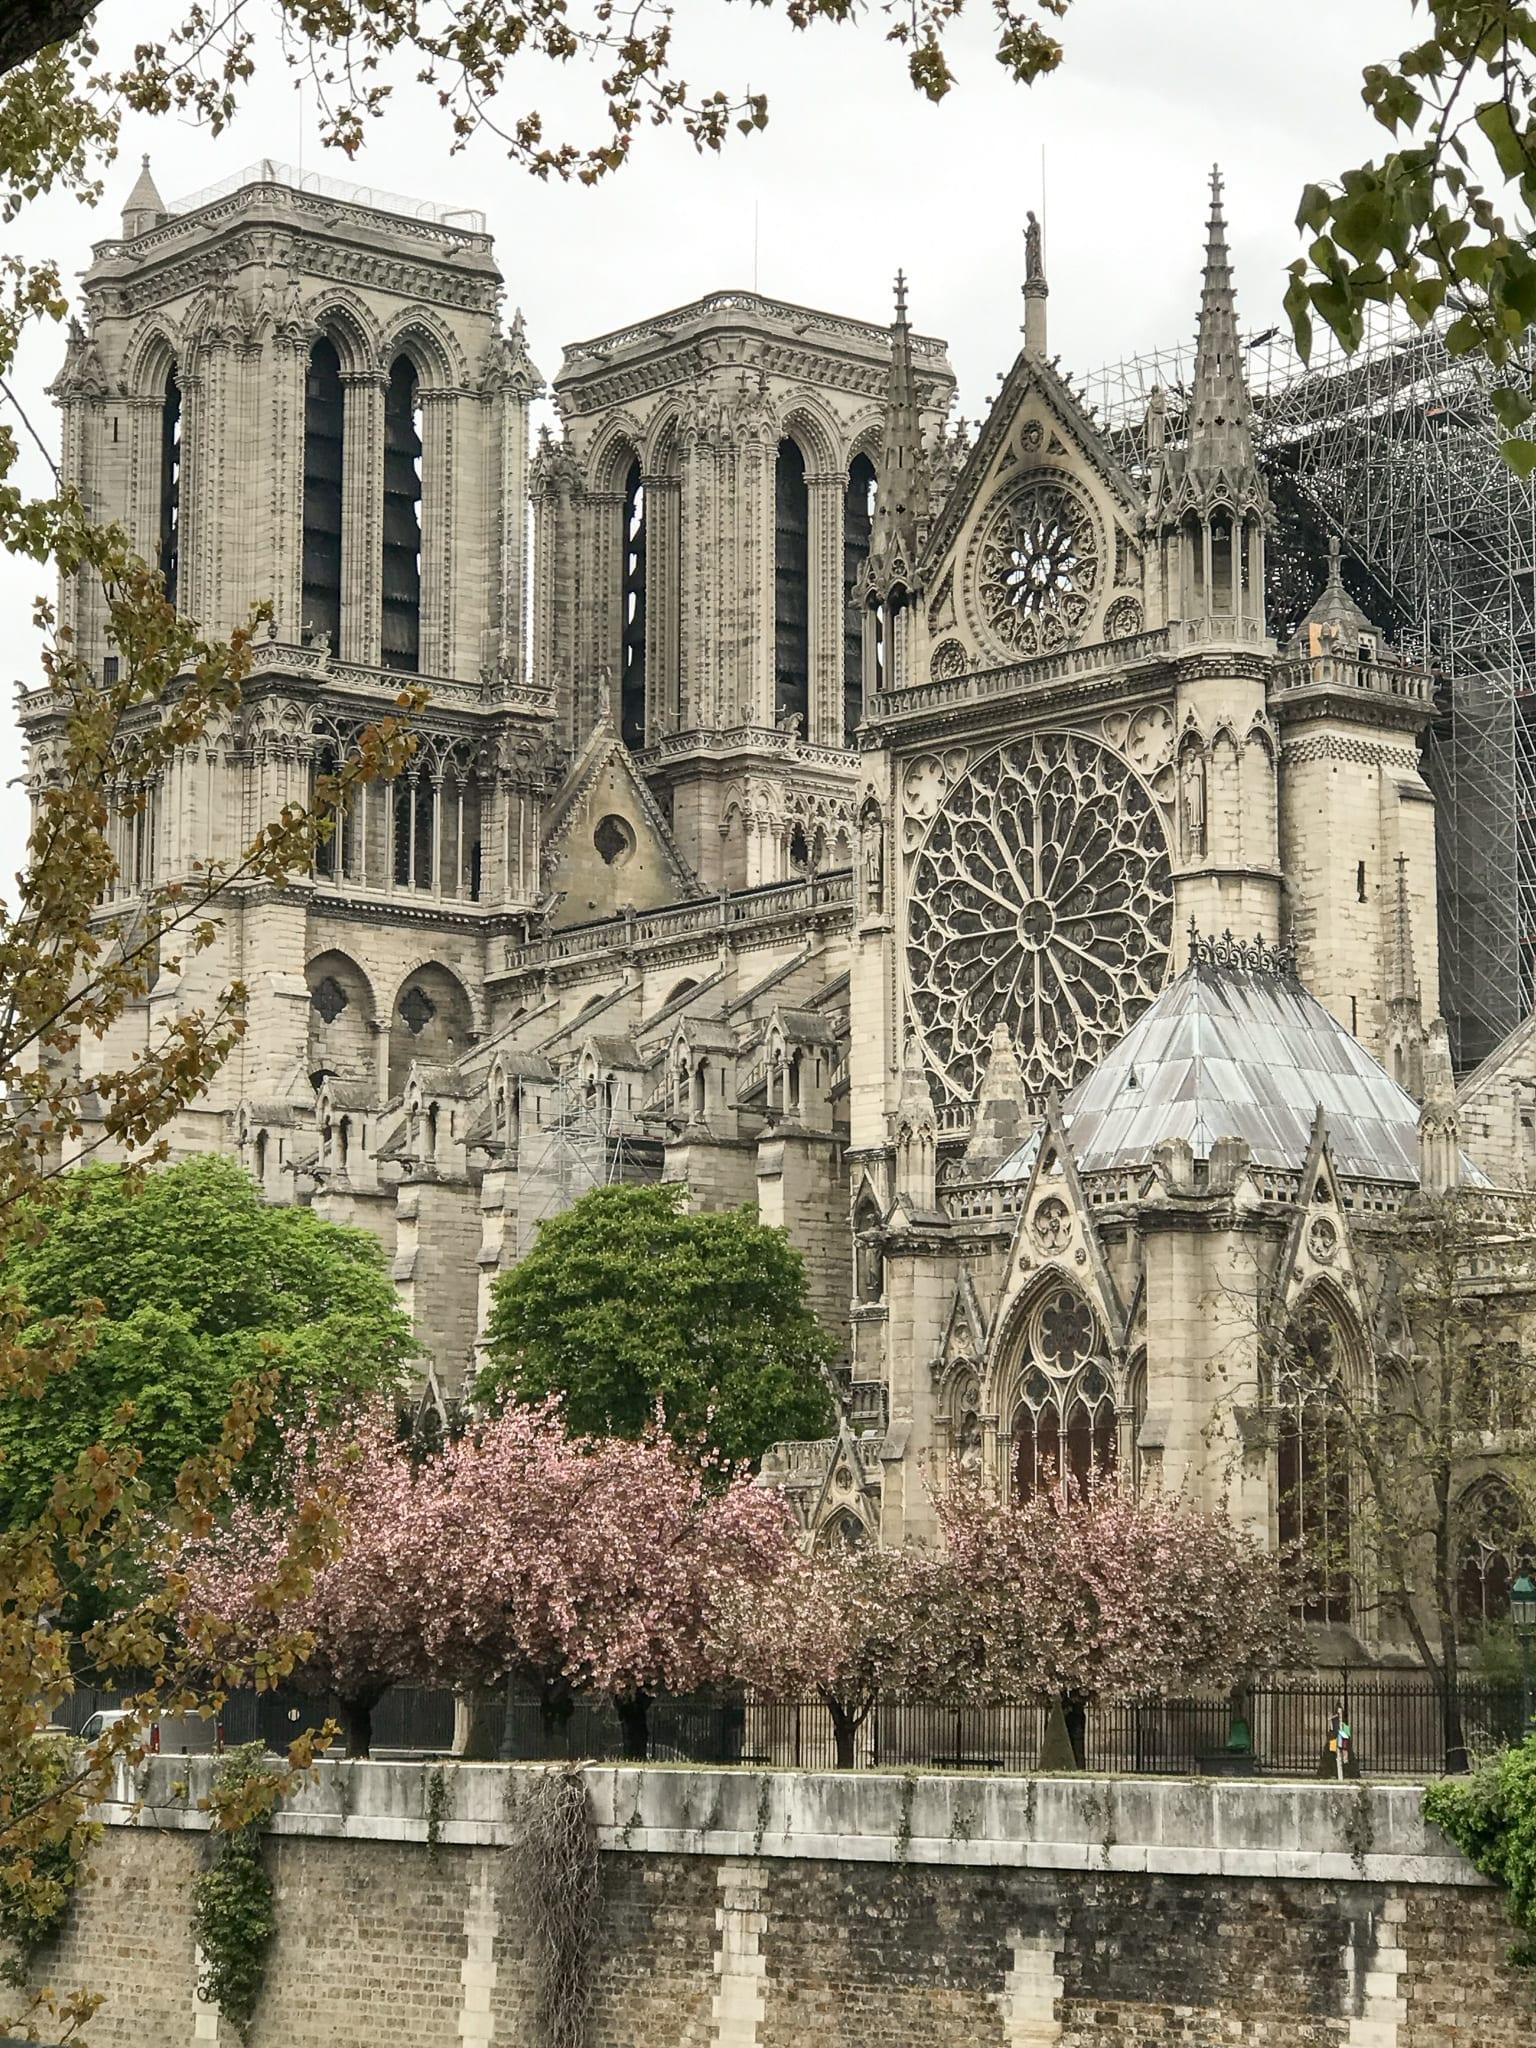 4 days in Paris - Notre Dame after the fire, Paris